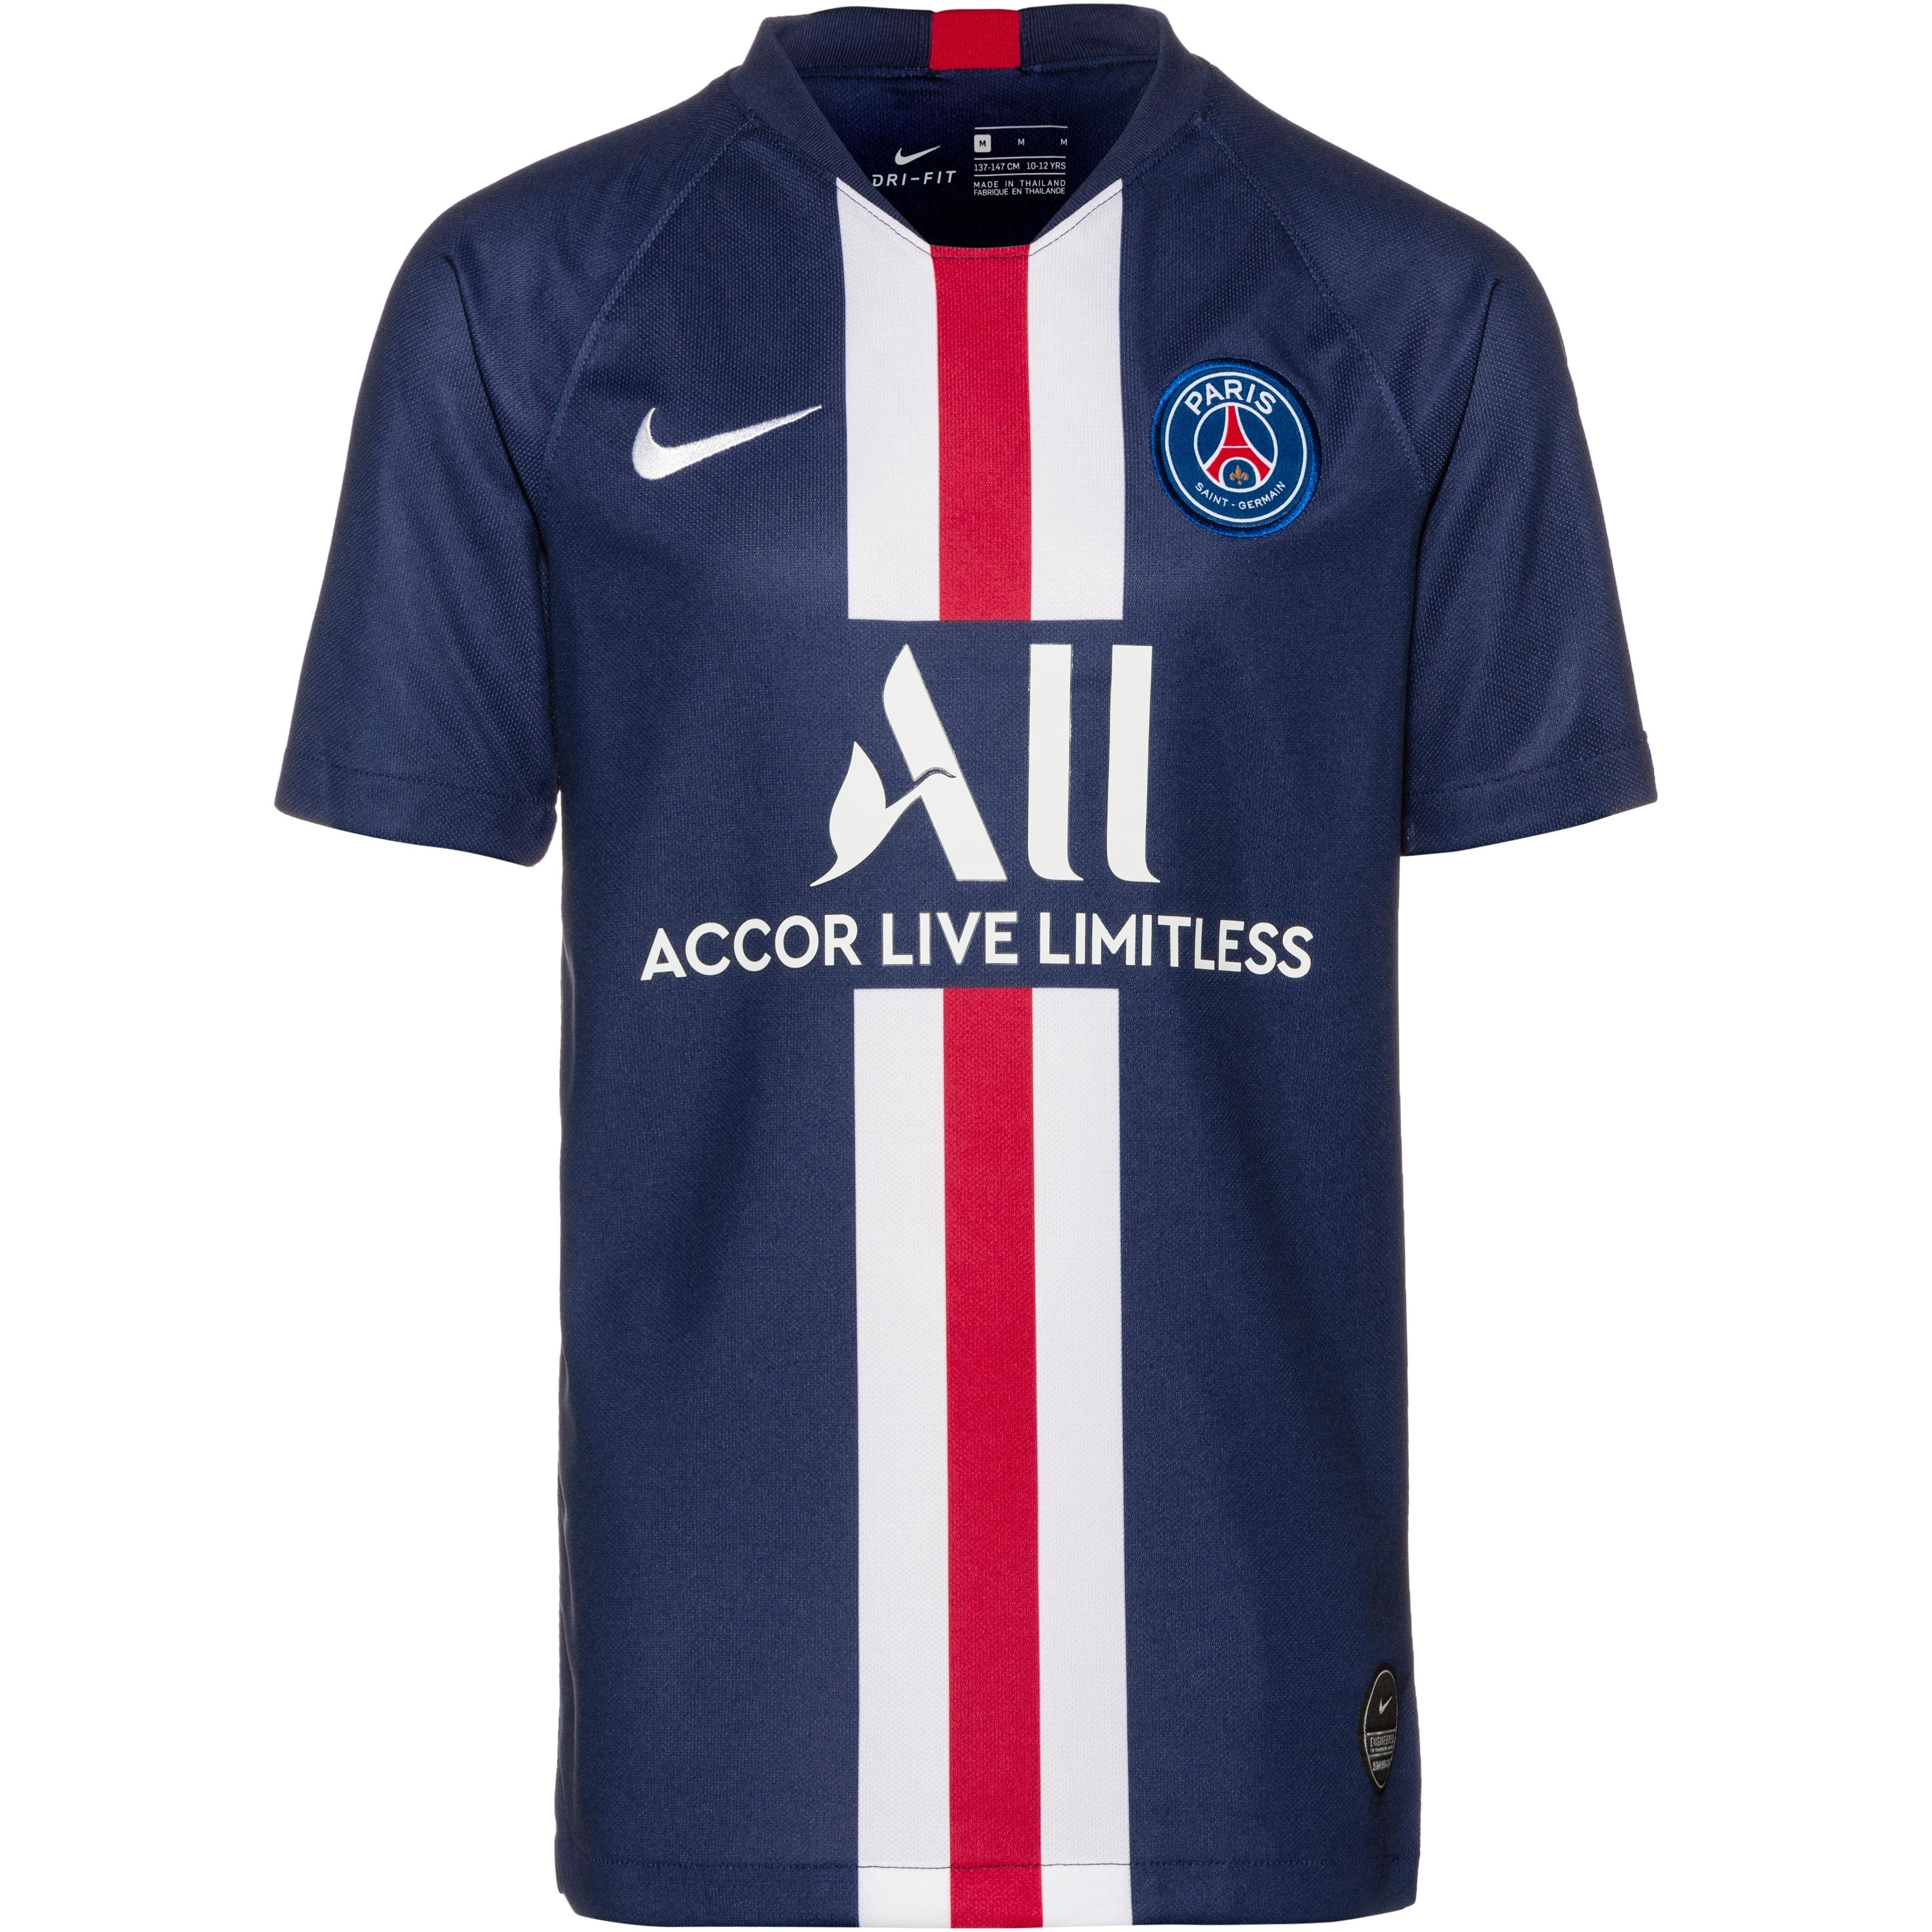 nike paris saint germain 19 20 heim trikot kinder midnight navy white im online shop von sportscheck kaufen